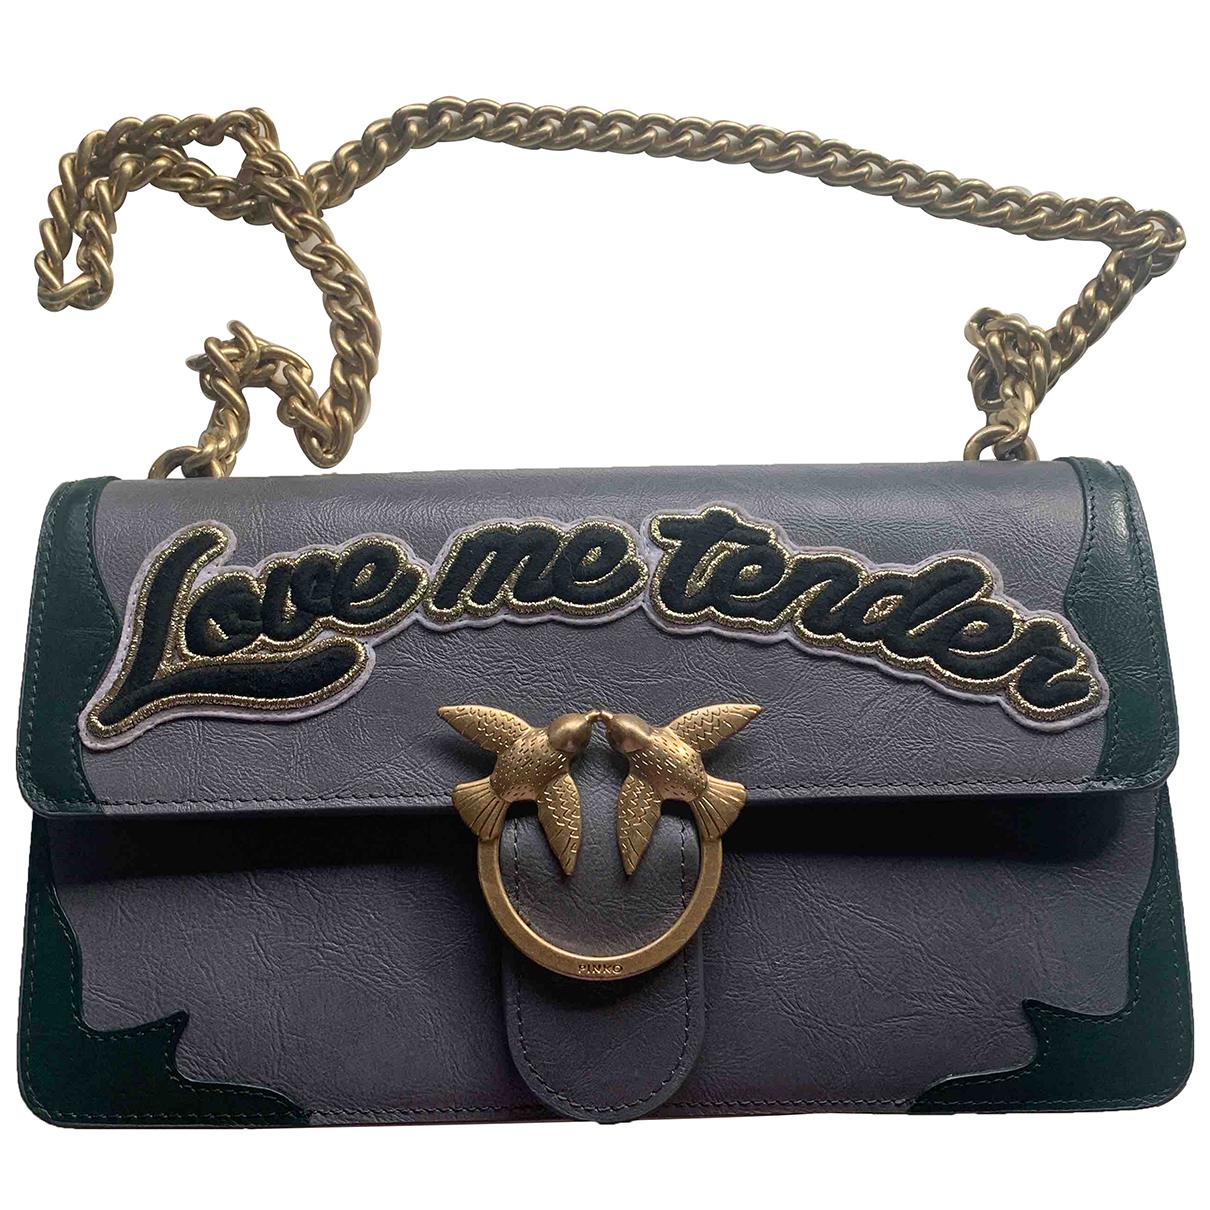 Pinko - Sac a main Love Bag pour femme en cuir - gris